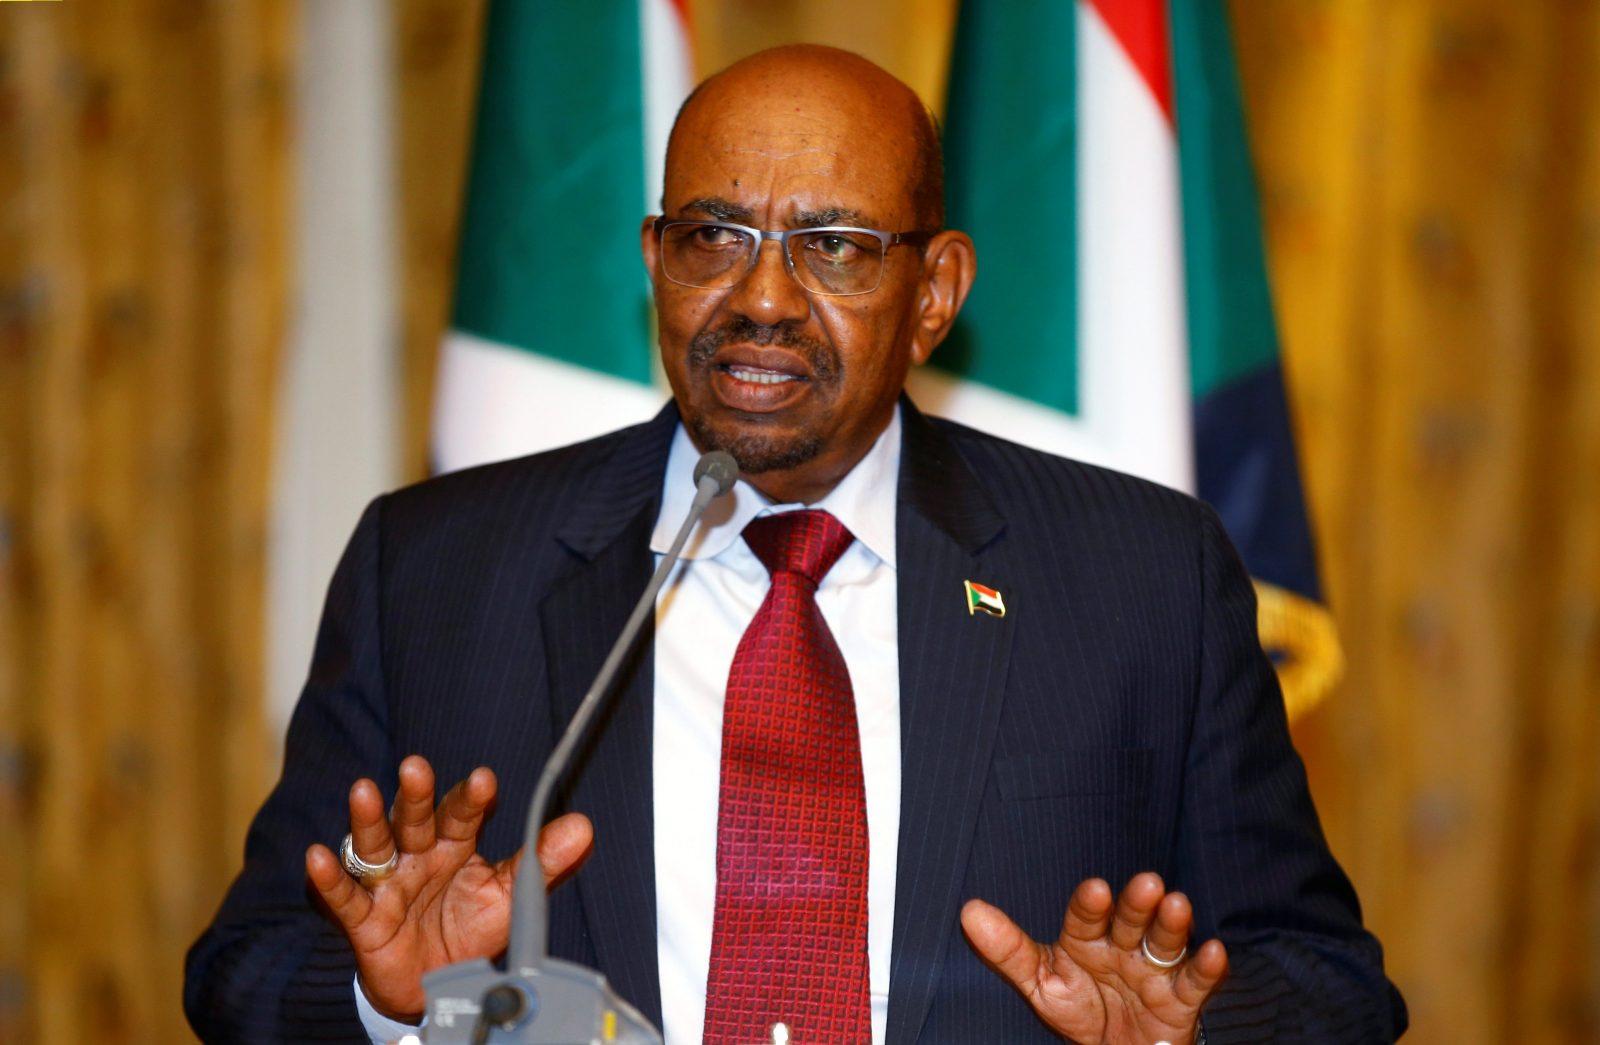 عمر البشير - «البشير» يُقيل محافظ البنك المركزي السوداني